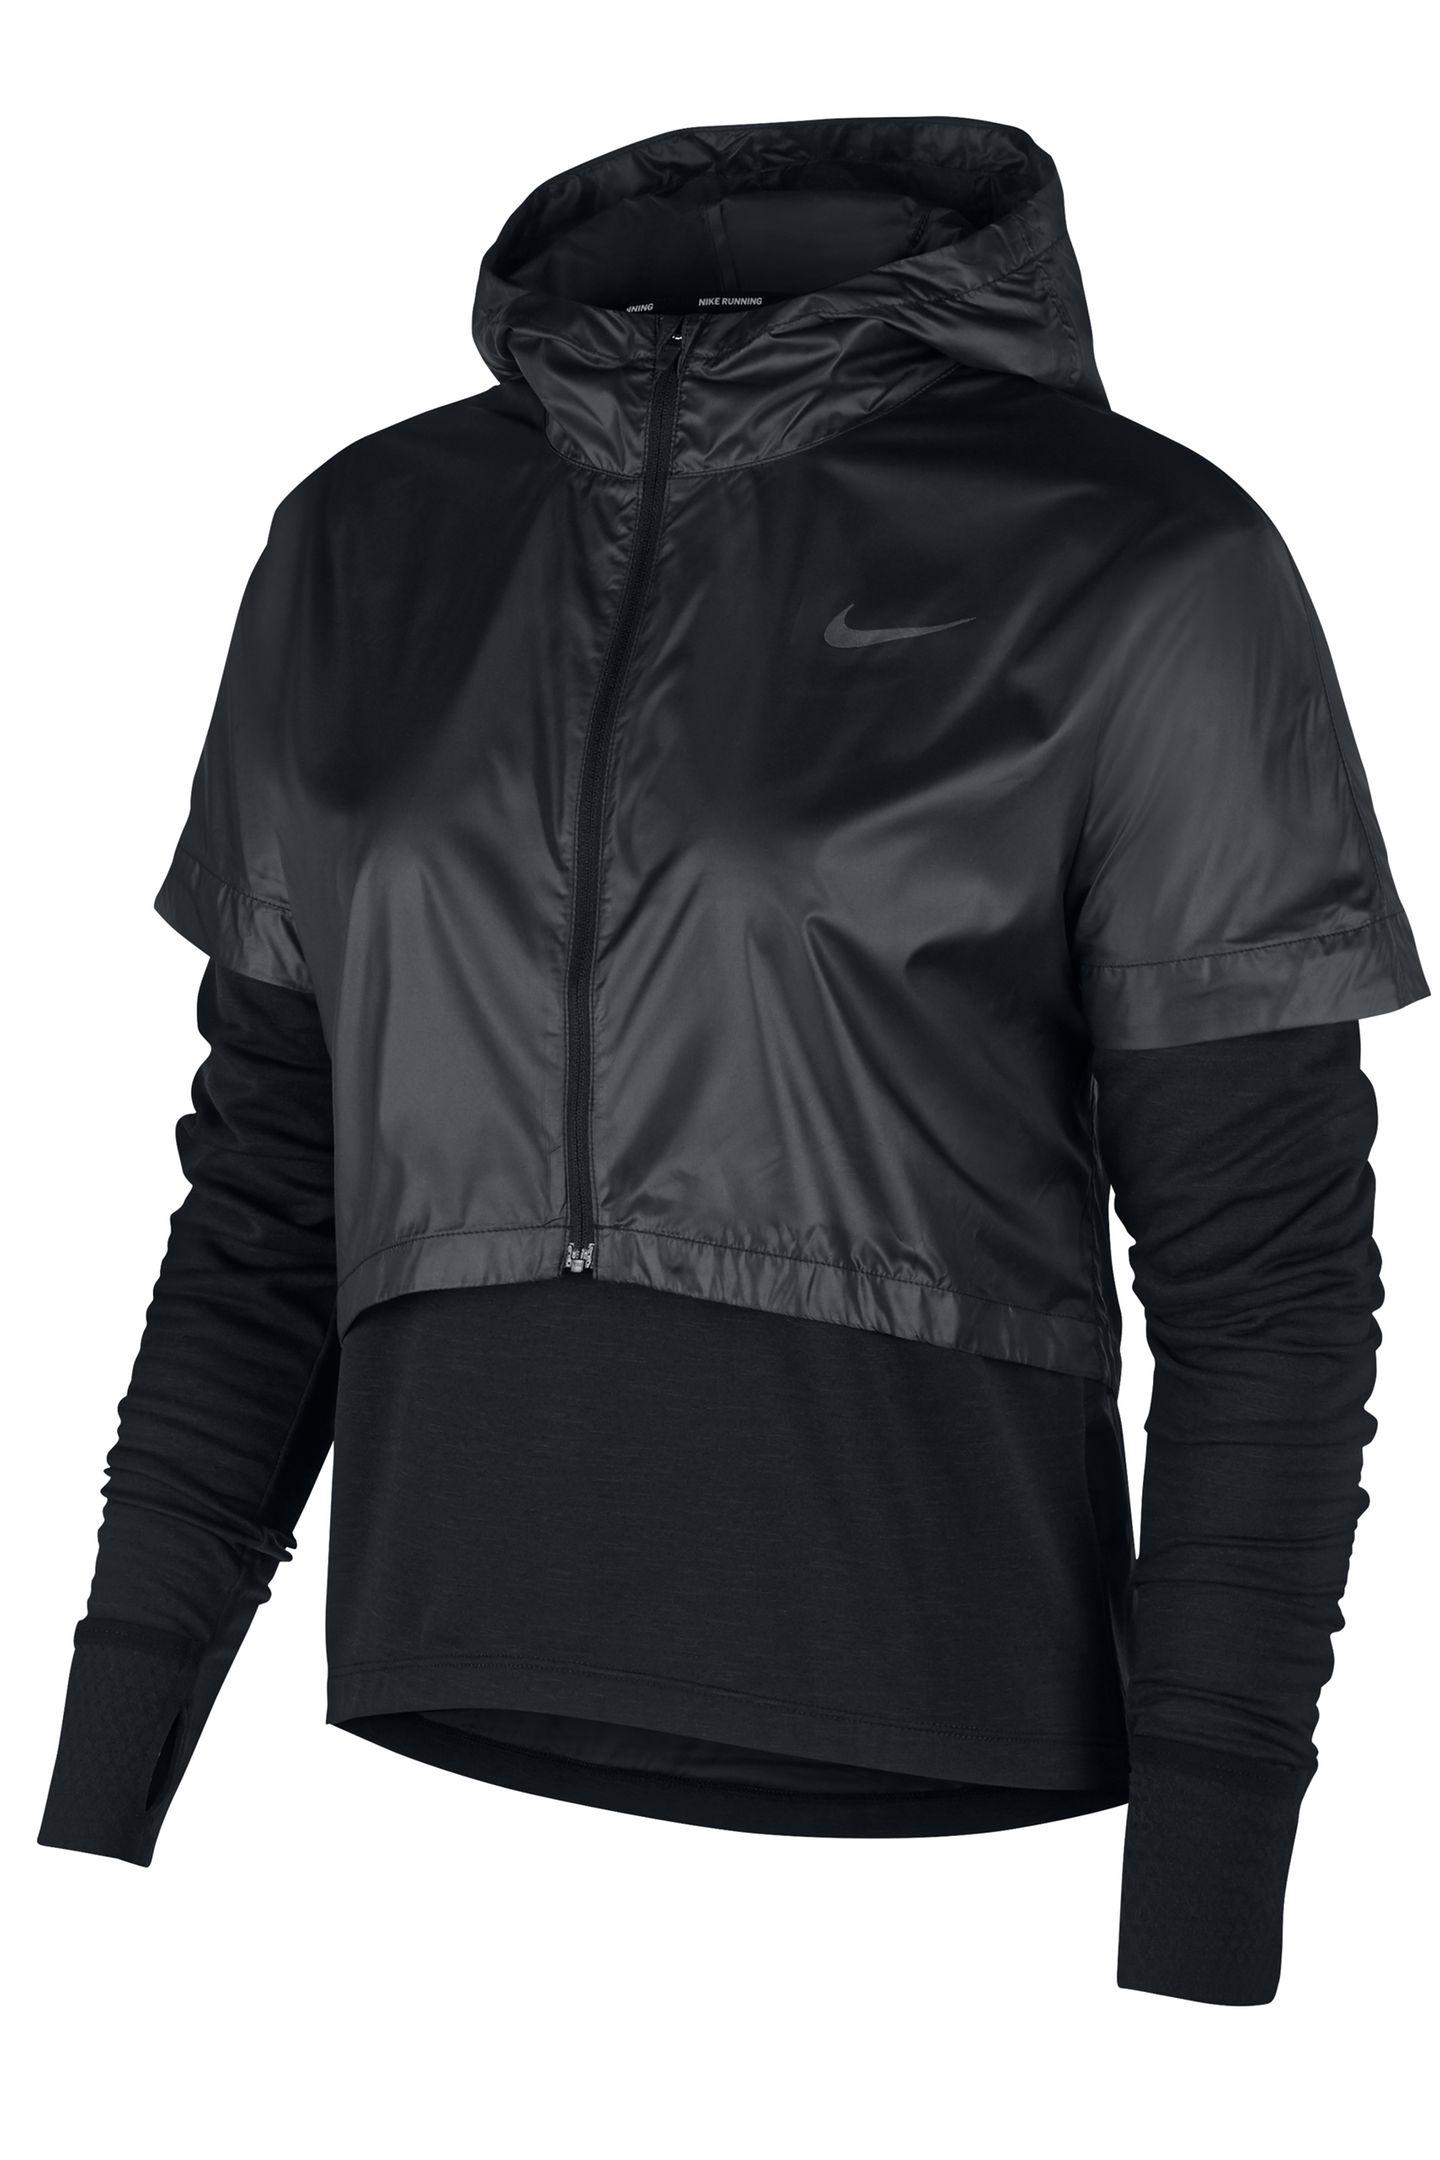 """Mit dem""""Therma Sphere""""-Oberteil lässt sich wirklich jedes überlisten. Regen, Wind, plötzlicher Sonnenschein? Die Außenschicht hält trocken und warm, der Zipper sorgt dafür, dass man es auch während des Runs ausziehen kann. Von Nike, ca. 130 Euro."""